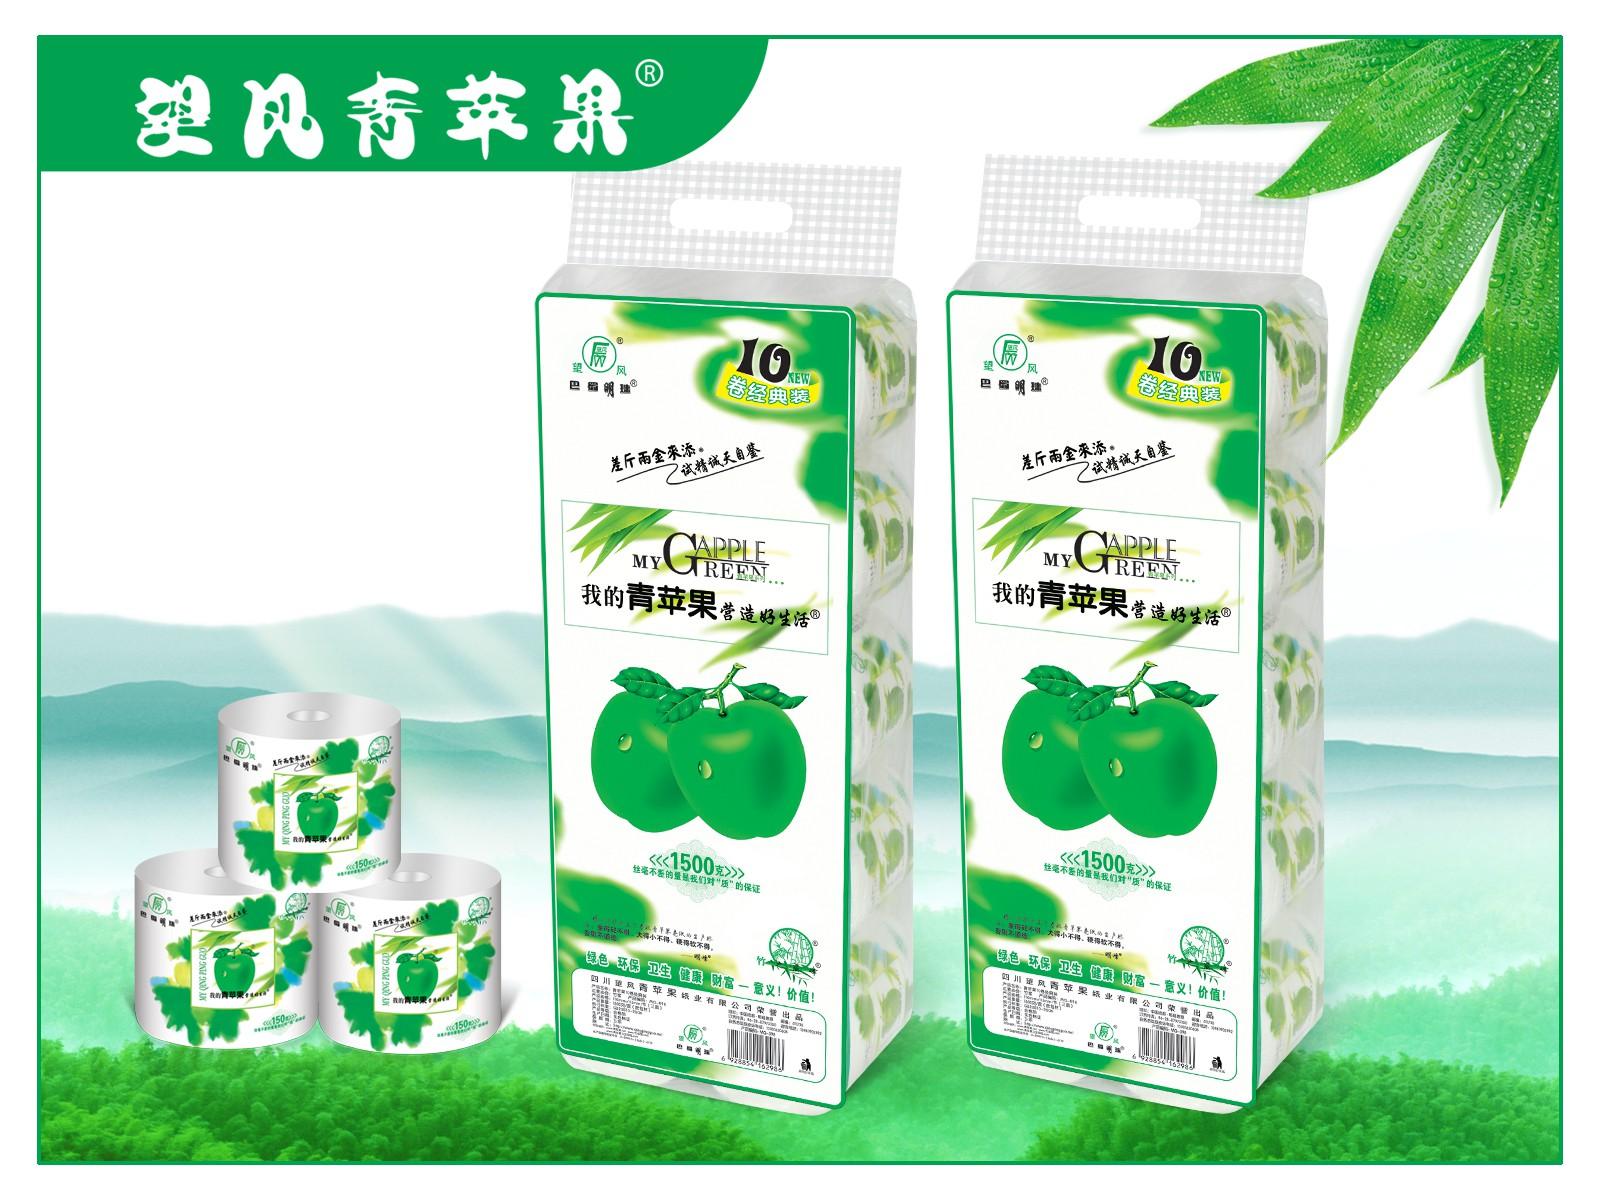 四川竹浆纸望风青苹果竹纤维10卷经典装